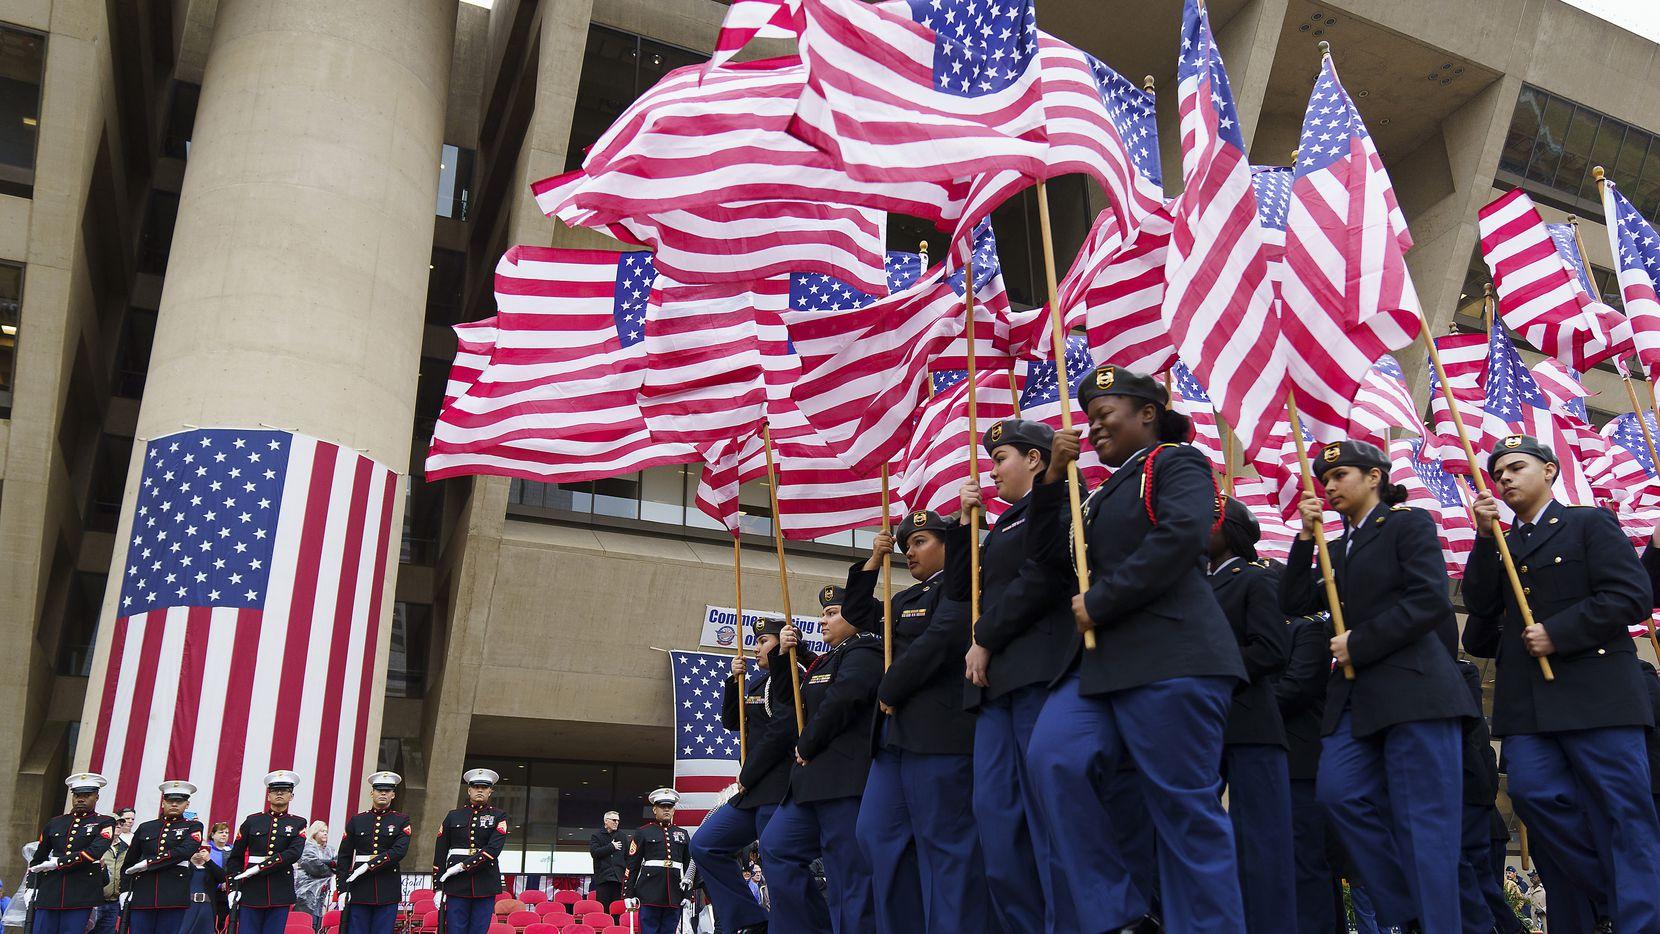 El desfile para celebrar el Día de los Veteranos no se llevará a cabo este año por la pandemia de covid-19.